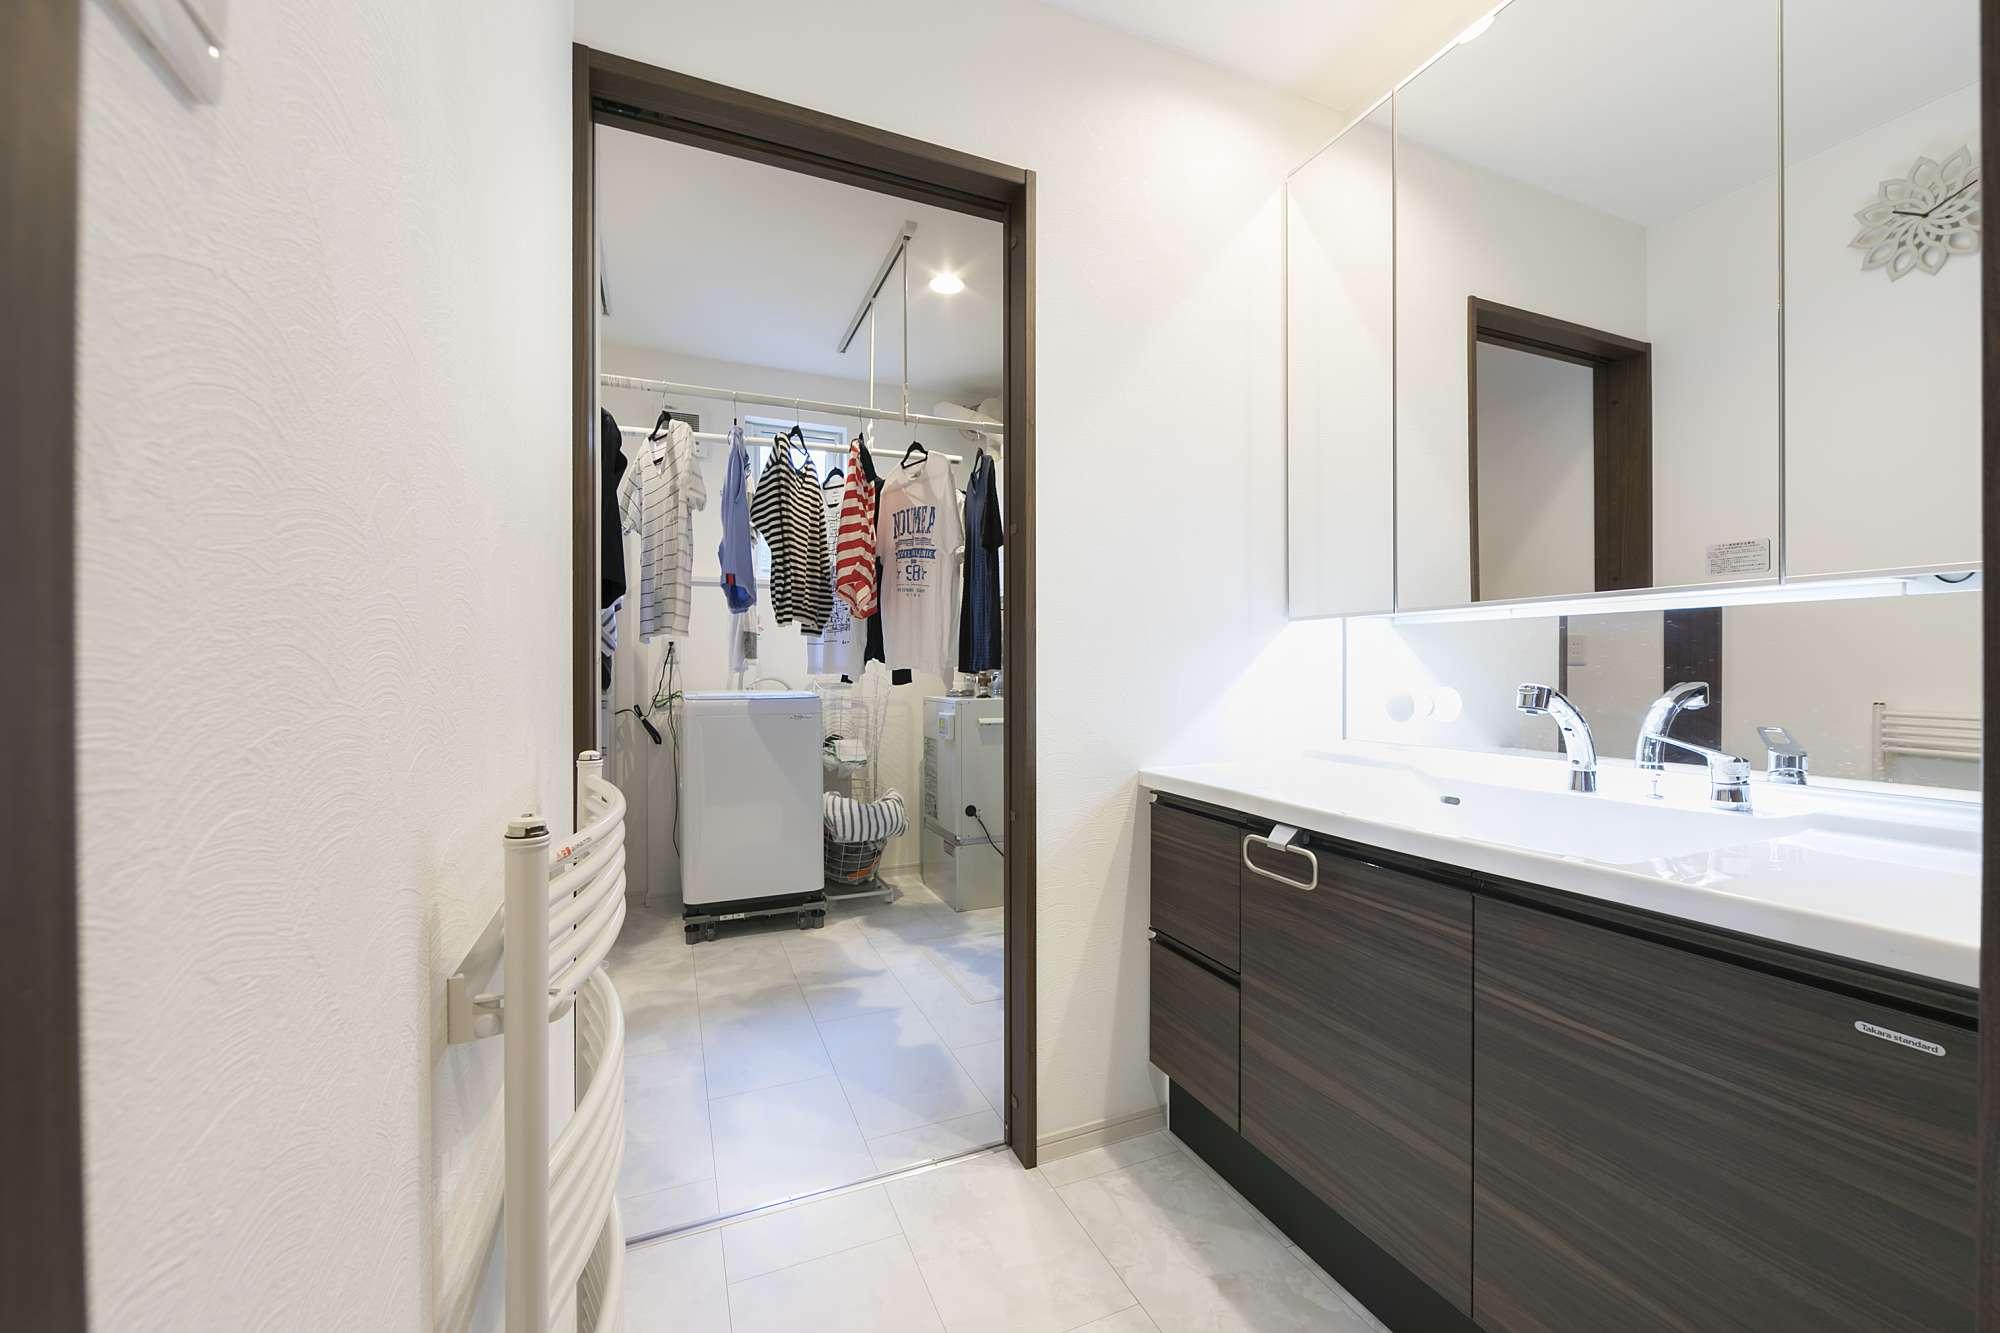 ワイドカウンターの洗面ルーム - 化粧台は並んで使っても広々のワイドカウンター。洗面ルームをUTと独立させたことで、双方を広々と使えます。 -  -